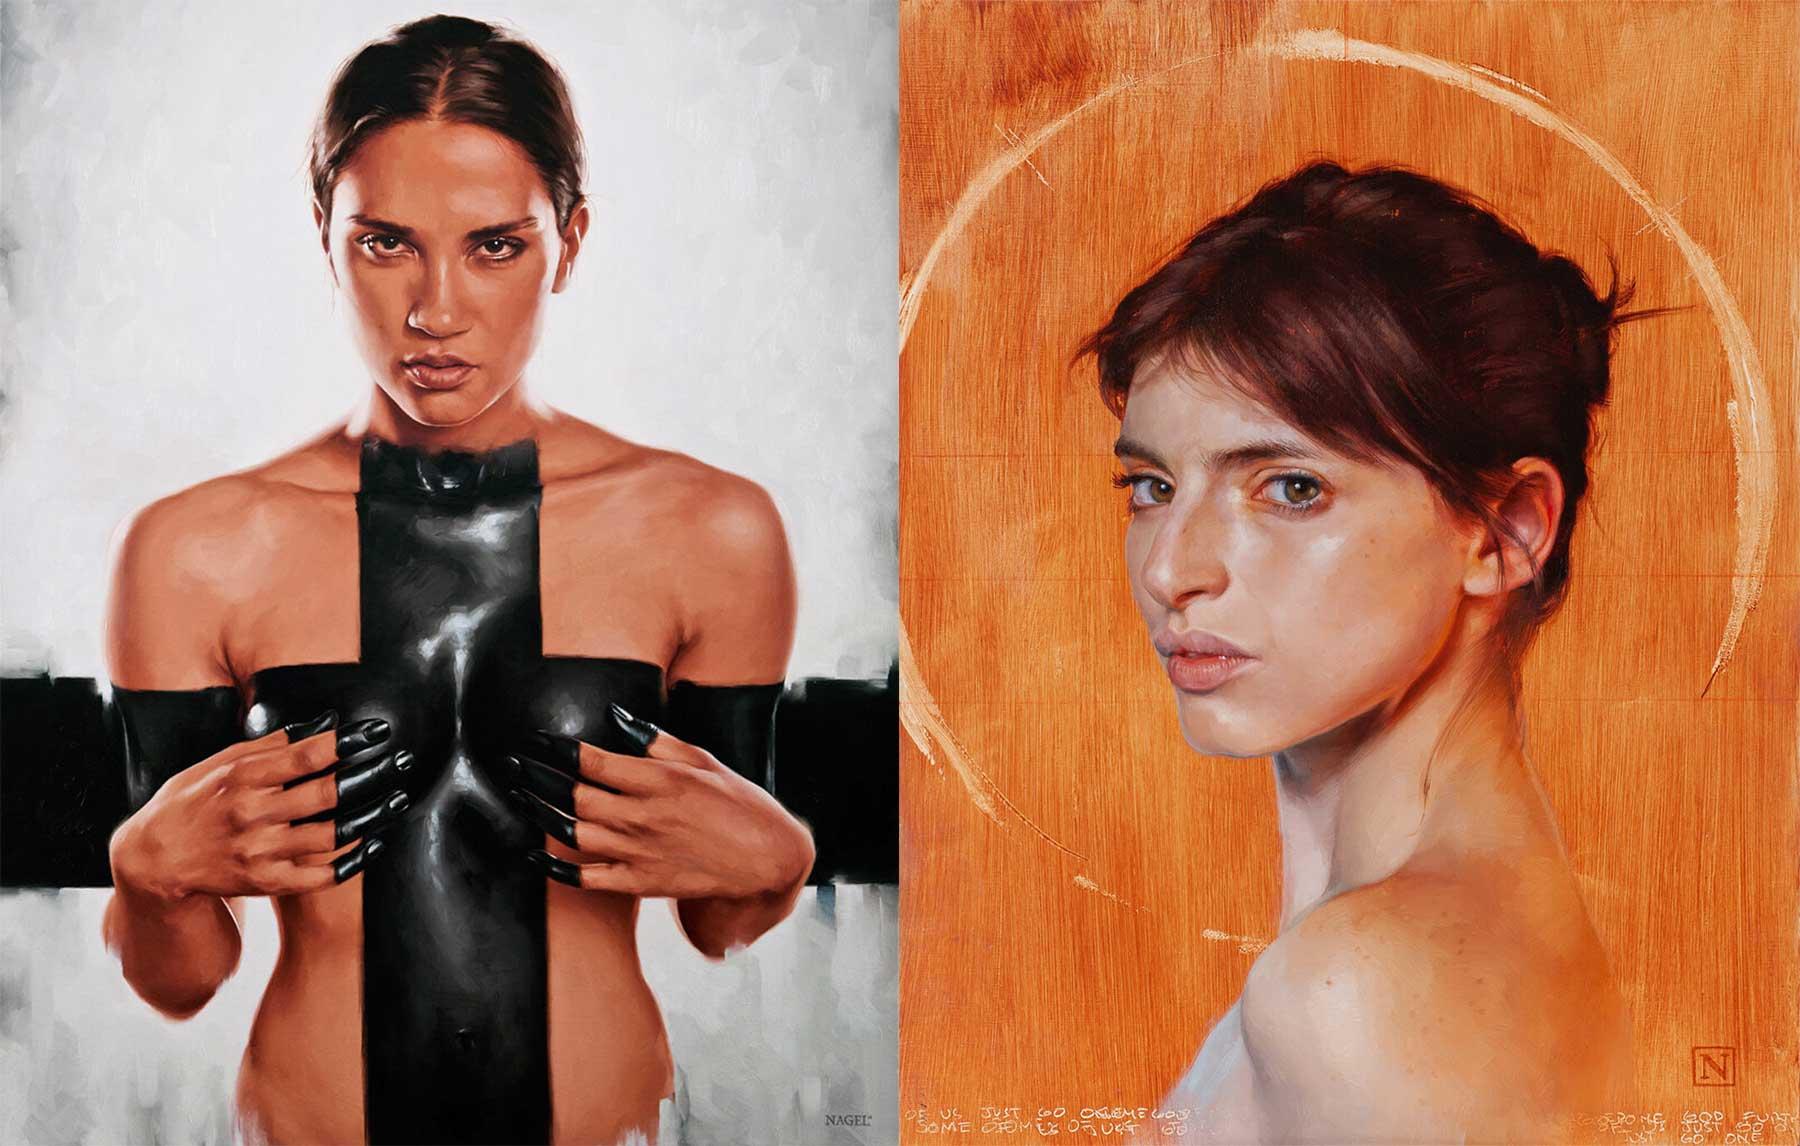 Malerei von Aaron Nagel